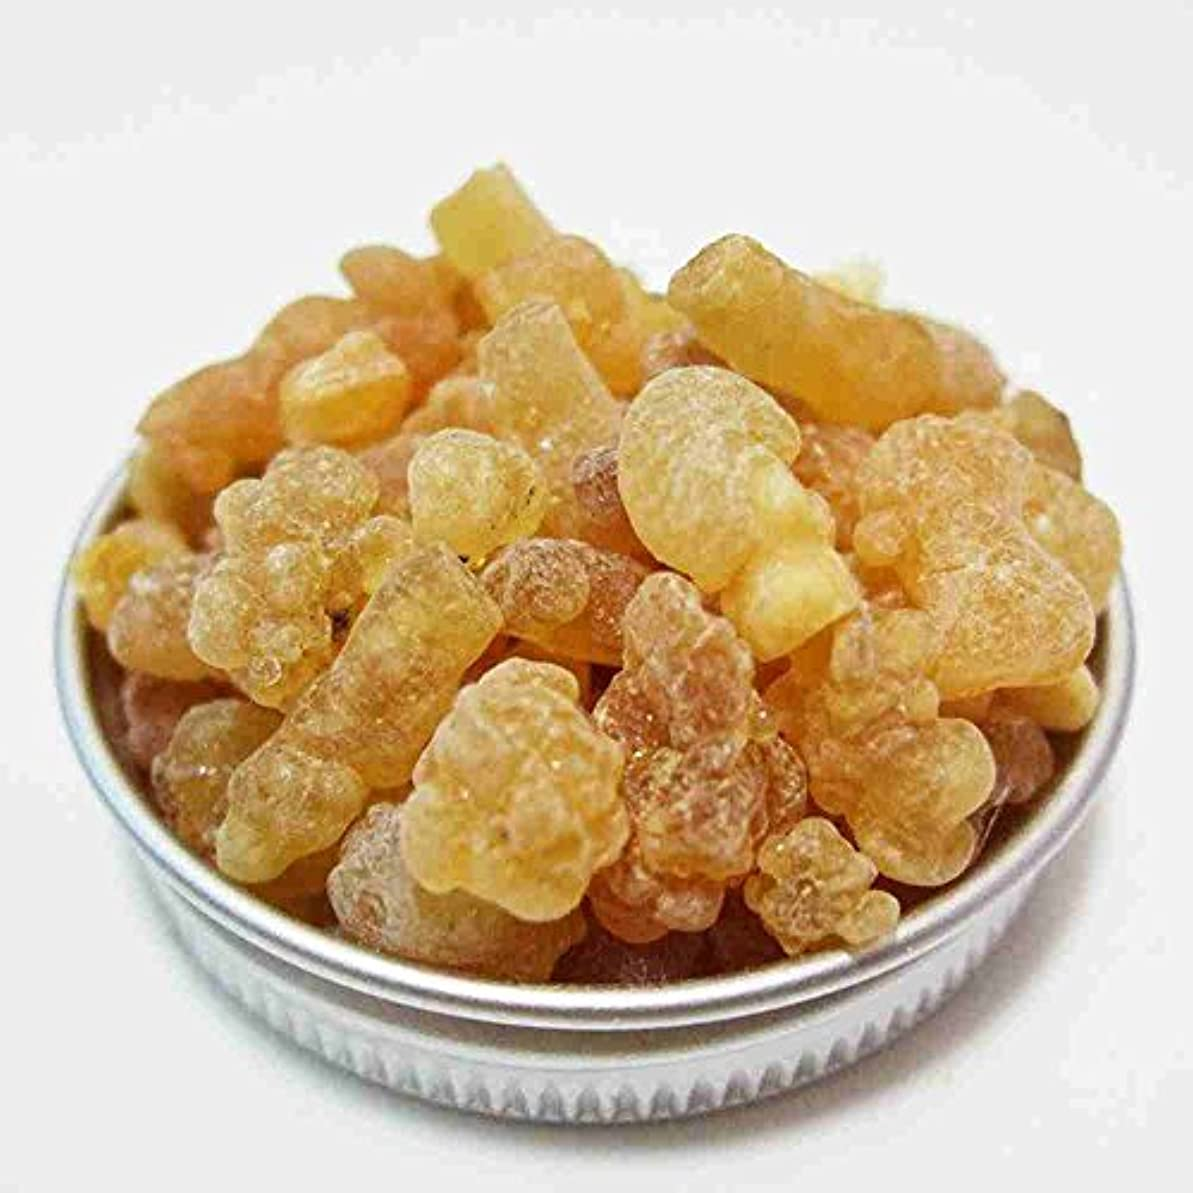 義務づける活気づく消費するフランキンセンス Frsnkincense (乳香) 天然樹脂香 フランキンセンス(乳香), 1 Ounce (28 g)